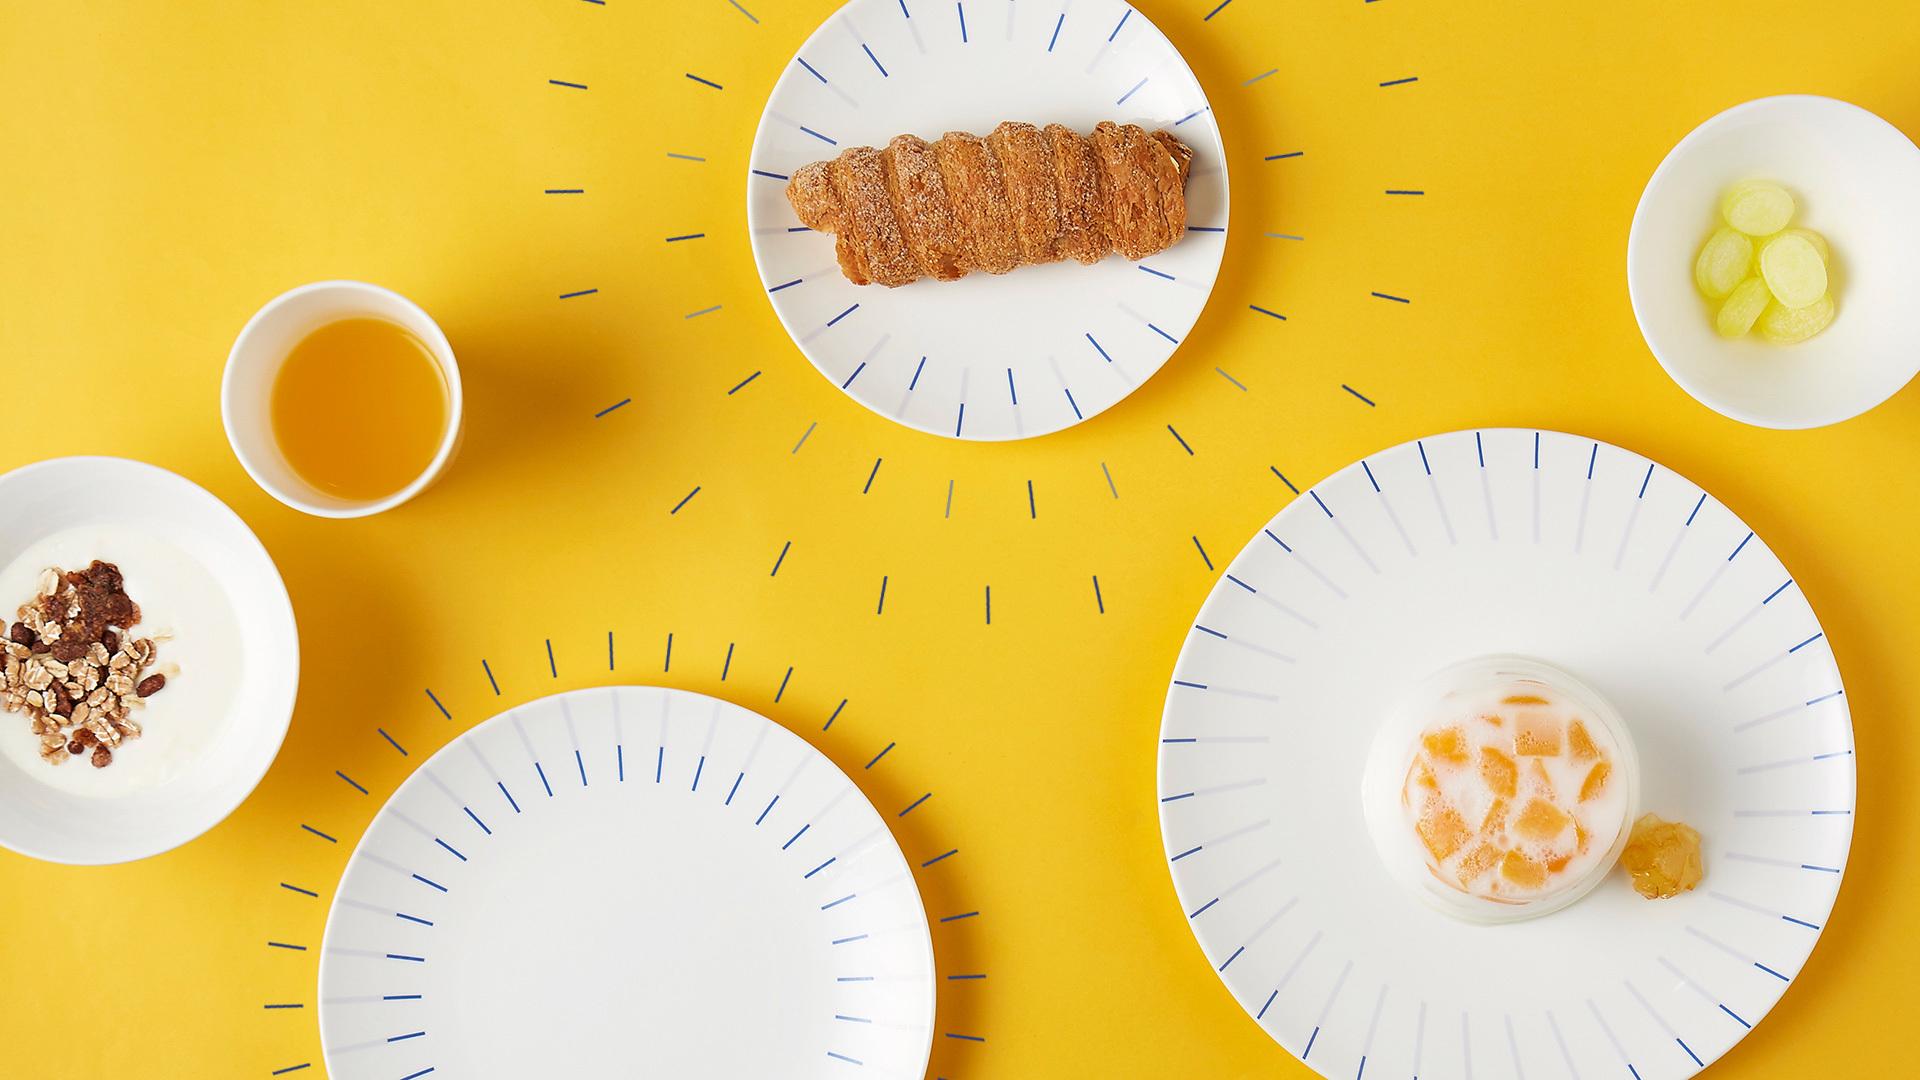 活力餐食,跃动节拍